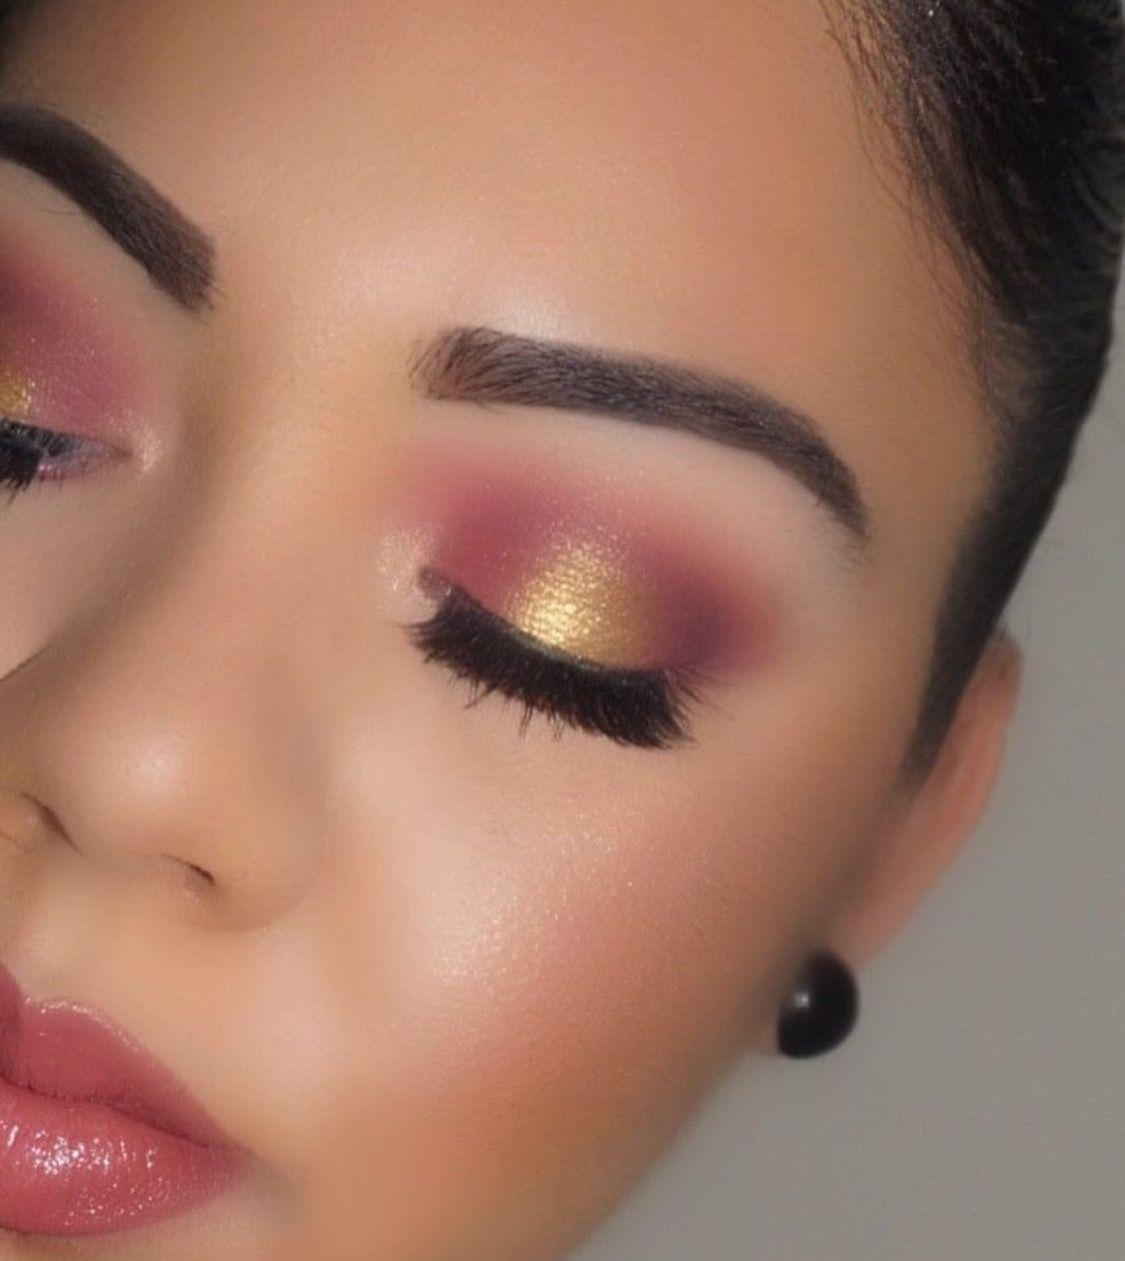 maquillage rose gold huda beauty. Black Bedroom Furniture Sets. Home Design Ideas